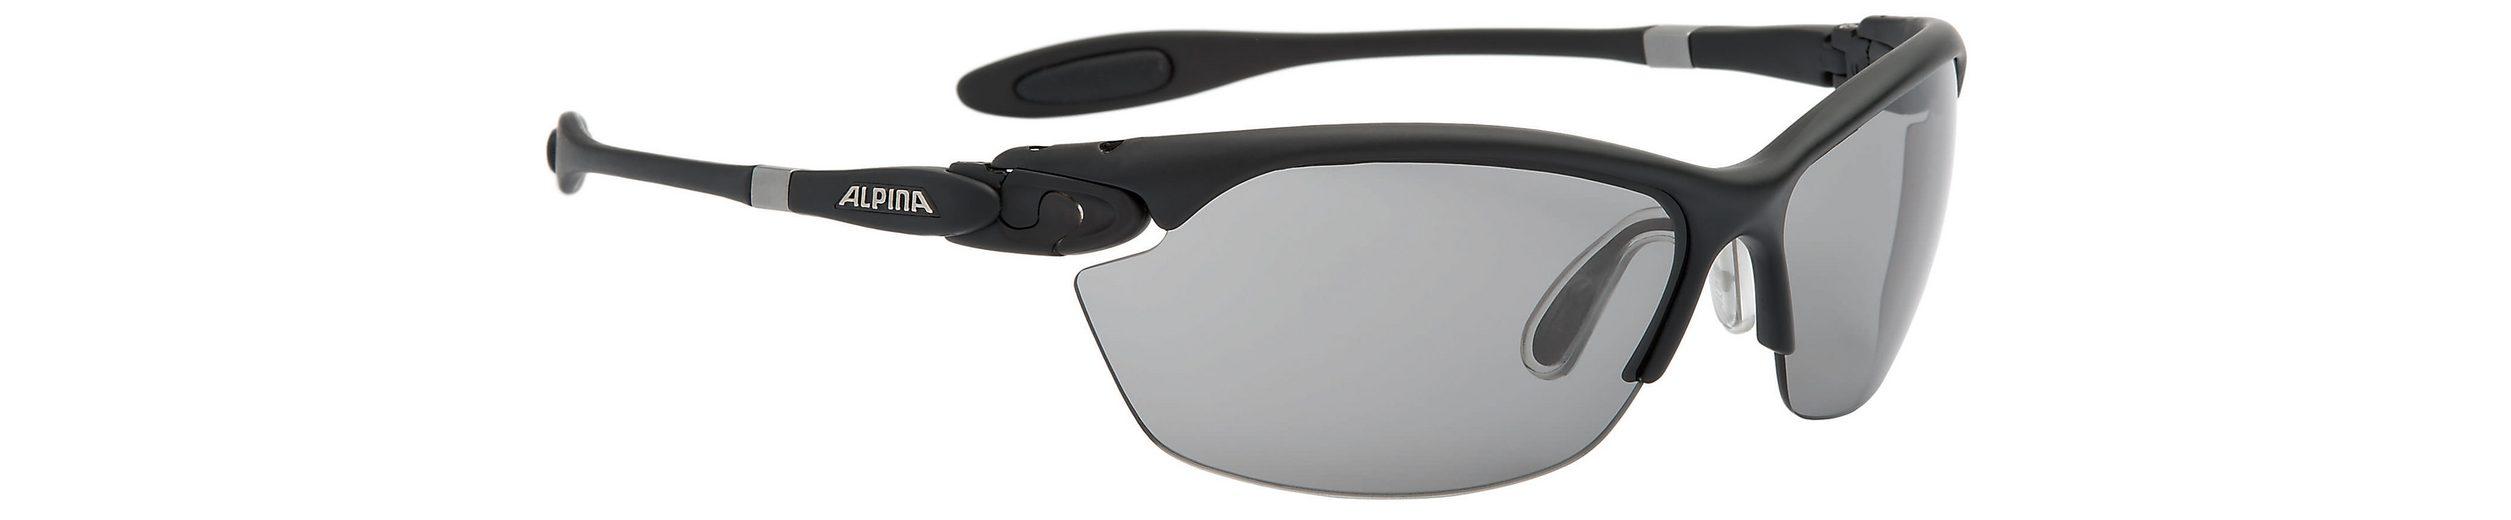 Alpina Radsportbrille »Twist Three 2.0 VL Brille«